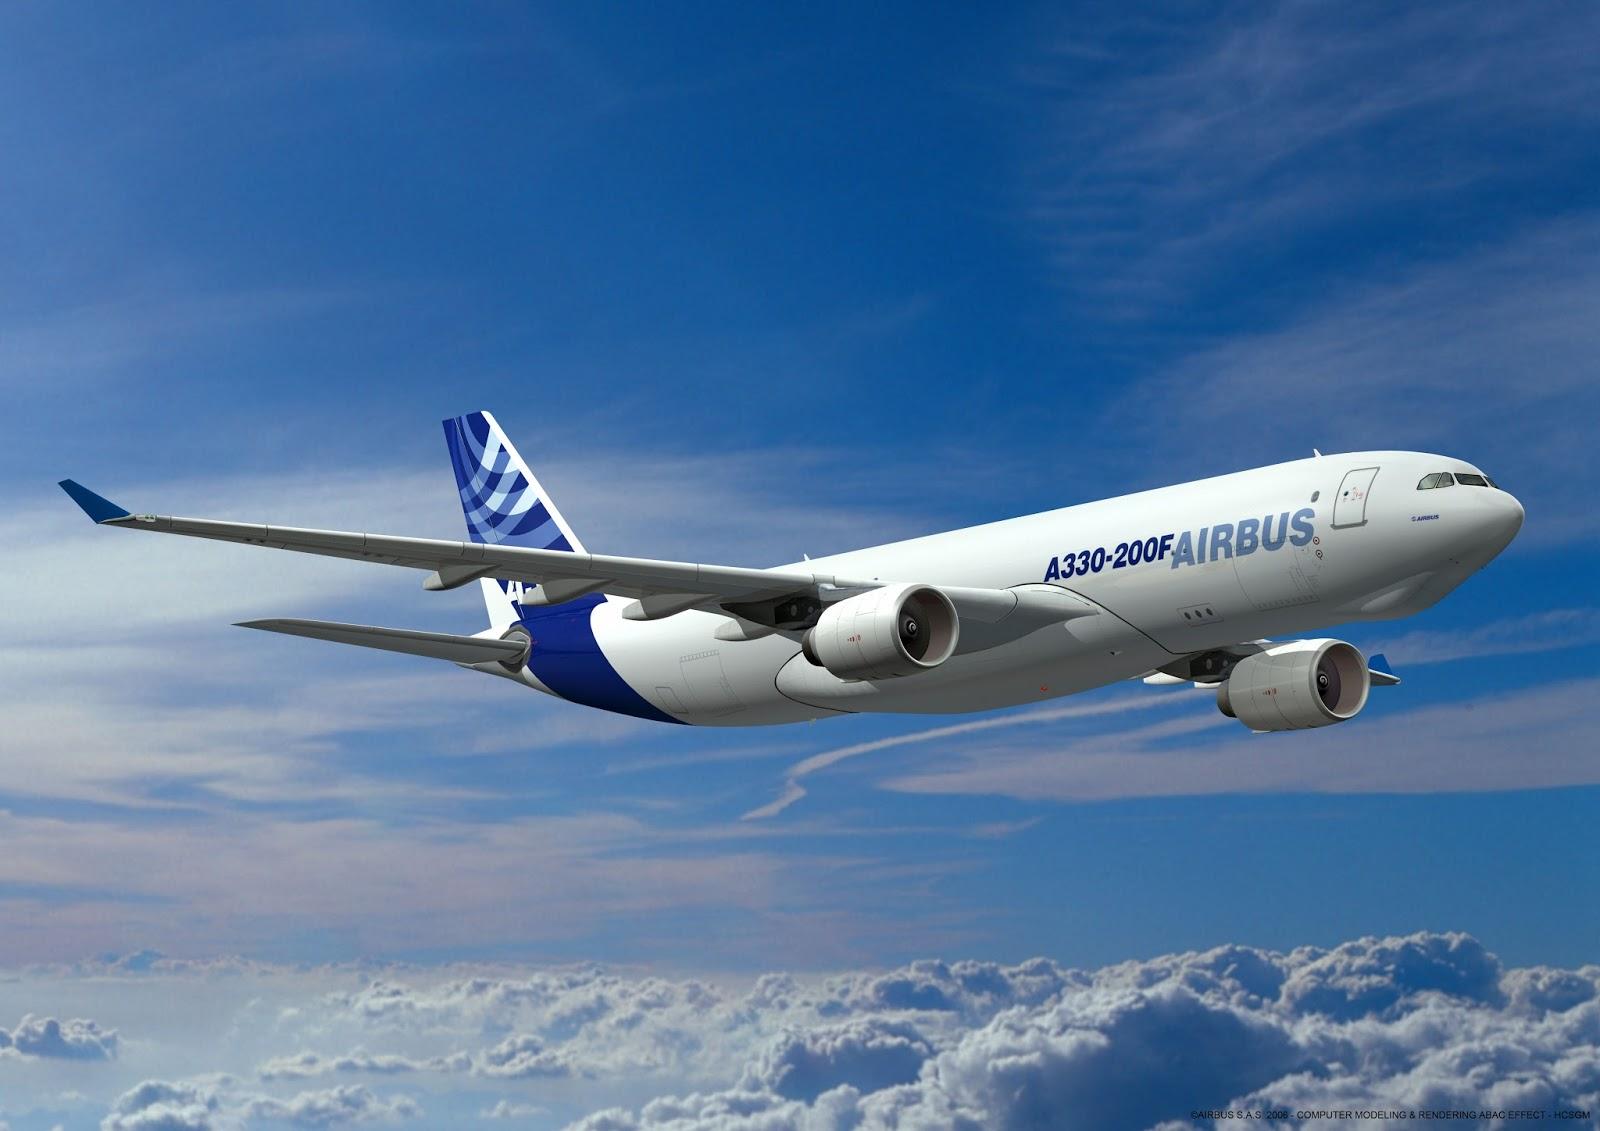 É MAIS QUE VOAR | A330-200 com maior alcance recebe certificação da EASA